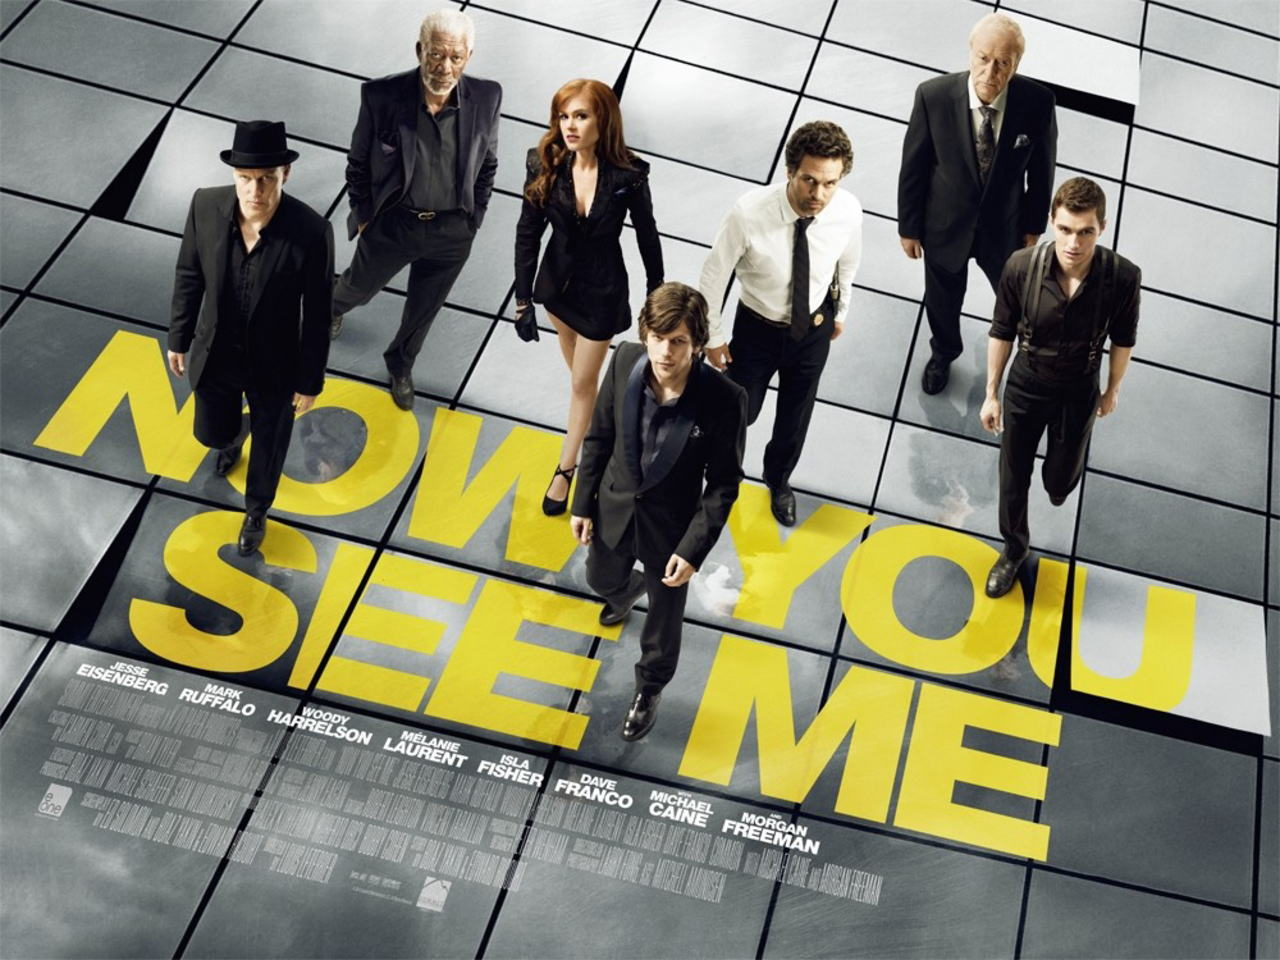 映画『グランド・イリュージョン (2013) NOW YOU SEE ME』ポスター(3)▼ポスター画像クリックで拡大します。